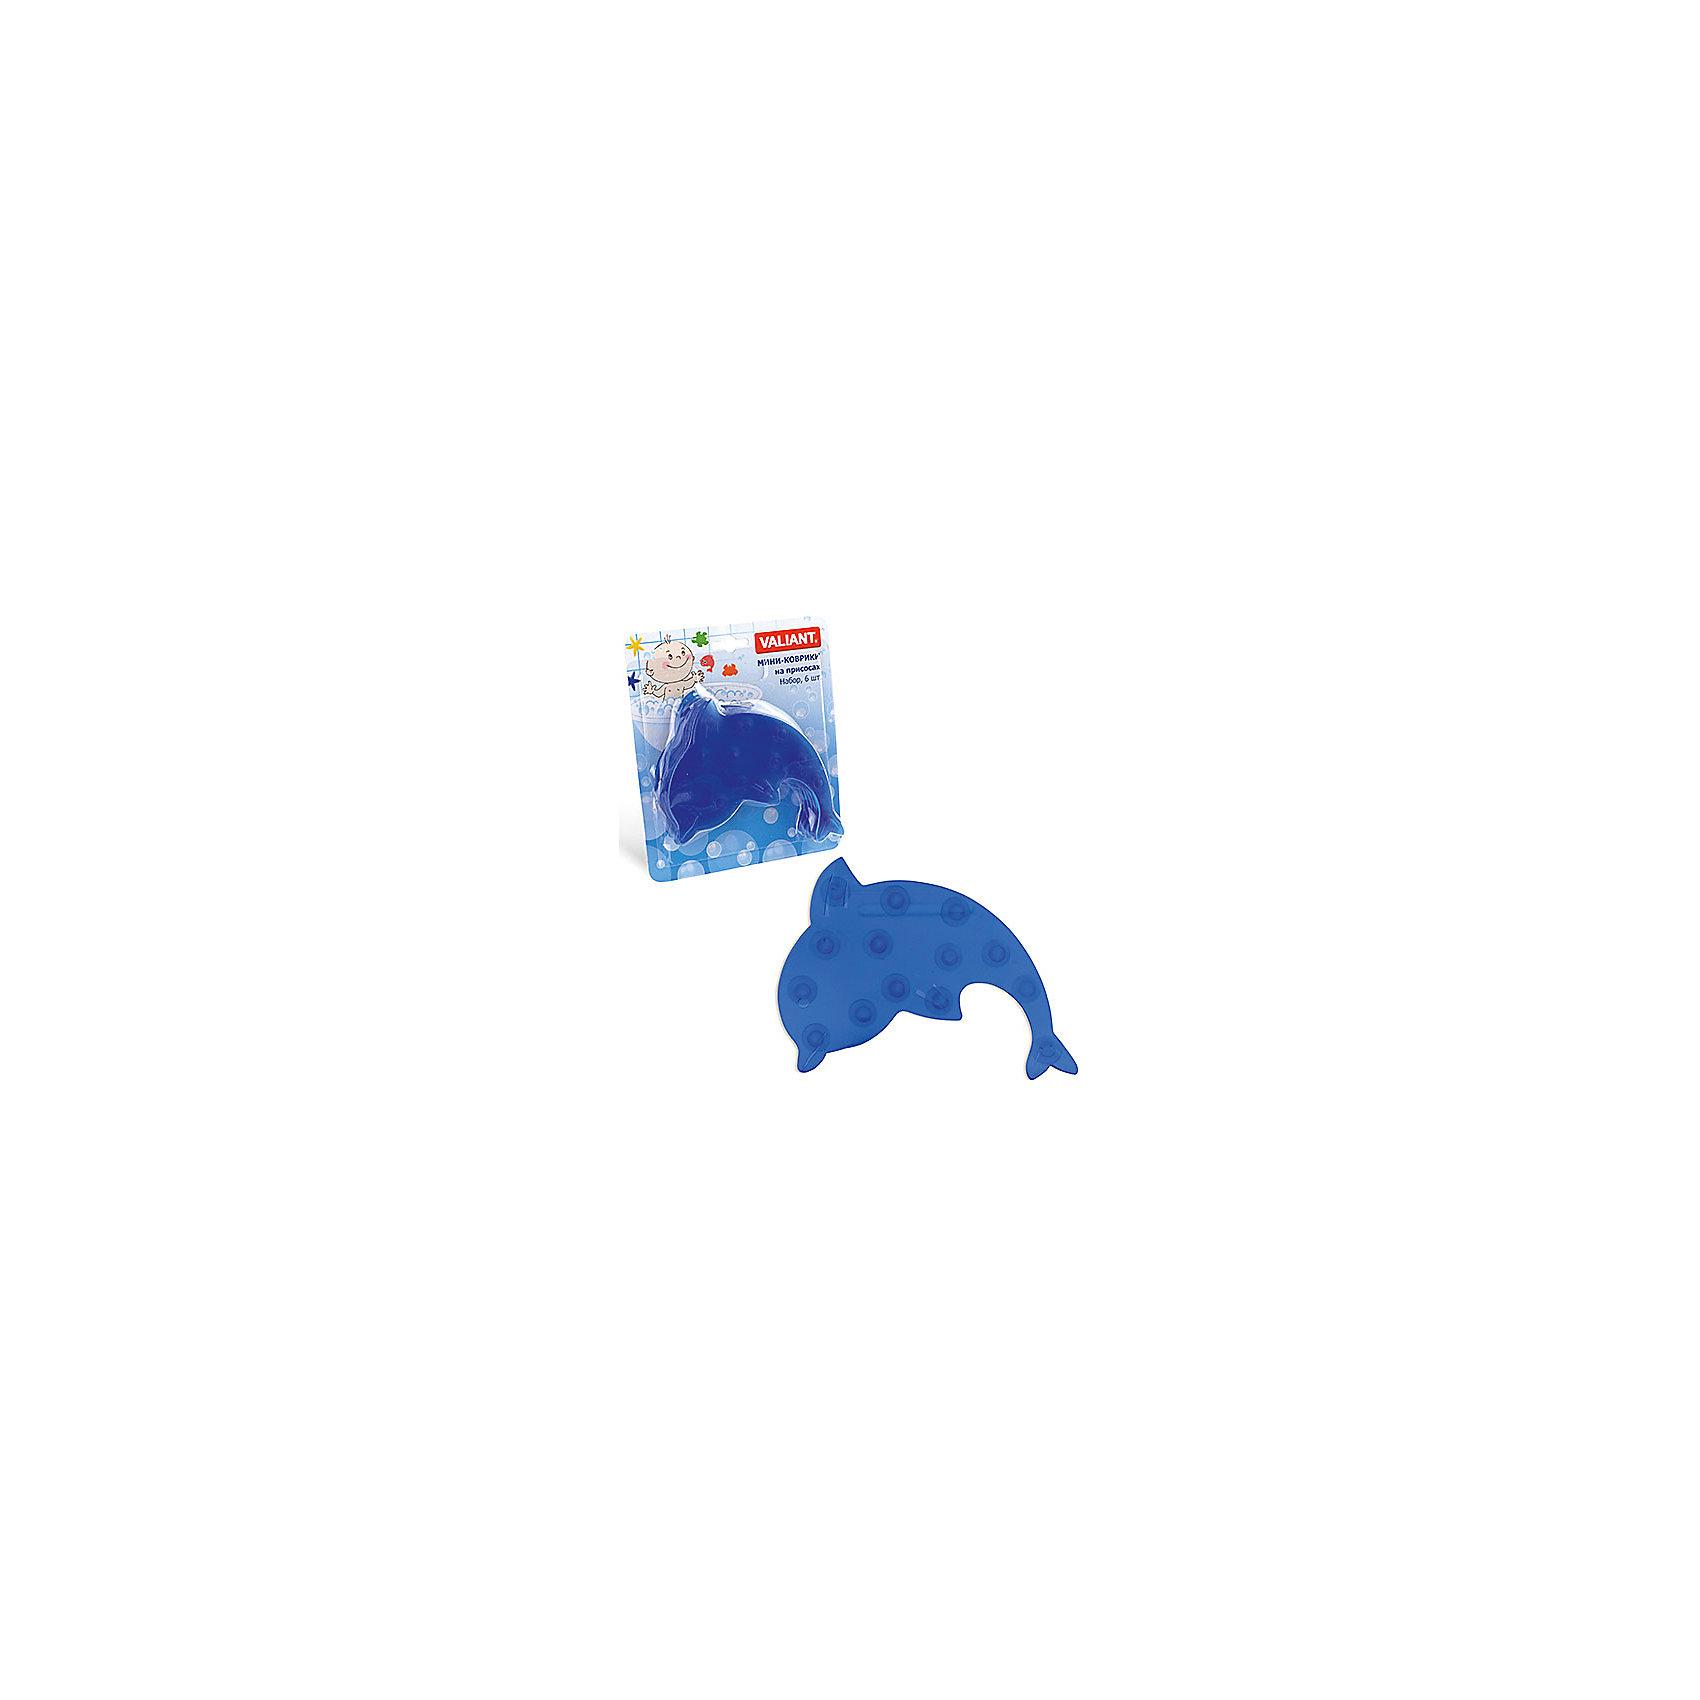 Набор ковриков Дельфин на присосках (6 шт)Ванная комната<br>Мини-коврики для ванной комнаты - это яркое дополнение к купанию малыша. Это и игра и развитие моторики и изучение зверушек. <br>Колоссальный и постоянно растущий спрос на них обусловлен реакцией малышей и их мам на данное изобретение по всему миру.<br>Мини-коврики снабжены присосками и превосходно клеятся на влажный кафель.<br><br>Ширина мм: 190<br>Глубина мм: 170<br>Высота мм: 40<br>Вес г: 180<br>Возраст от месяцев: -2147483648<br>Возраст до месяцев: 2147483647<br>Пол: Унисекс<br>Возраст: Детский<br>SKU: 4563298